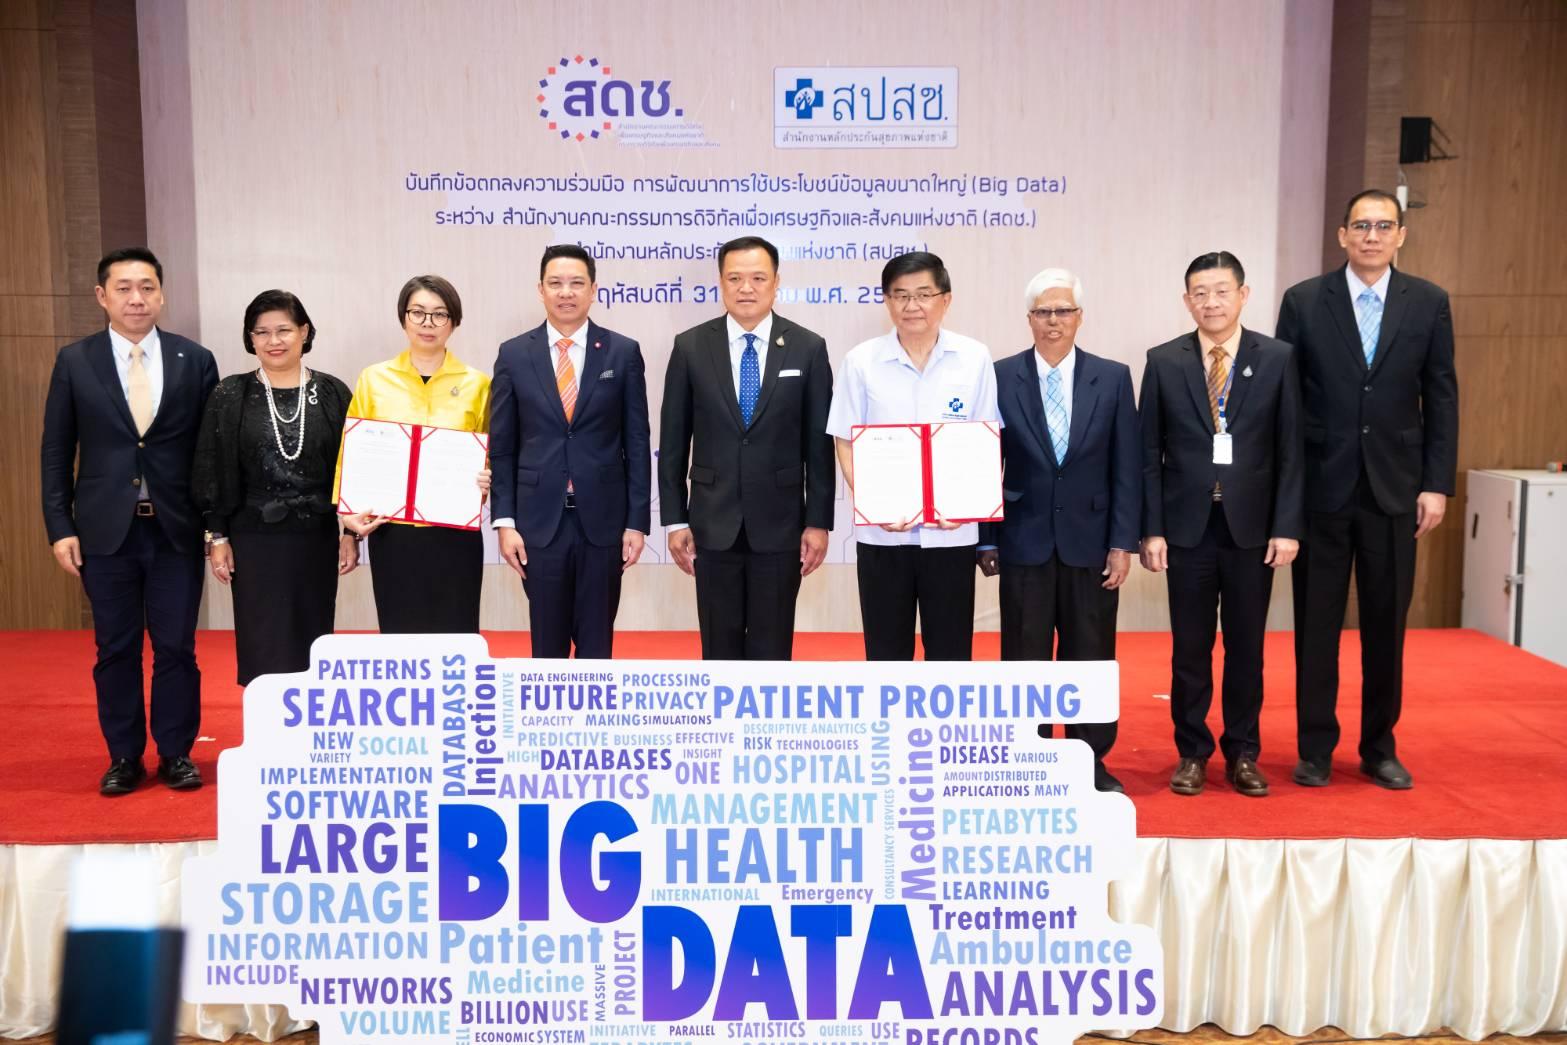 สธ.ร่วมดีอีพัฒนา Big Data เชื่อมฐานข้อมูลสุขภาพคนไทยทั้งประเทศ